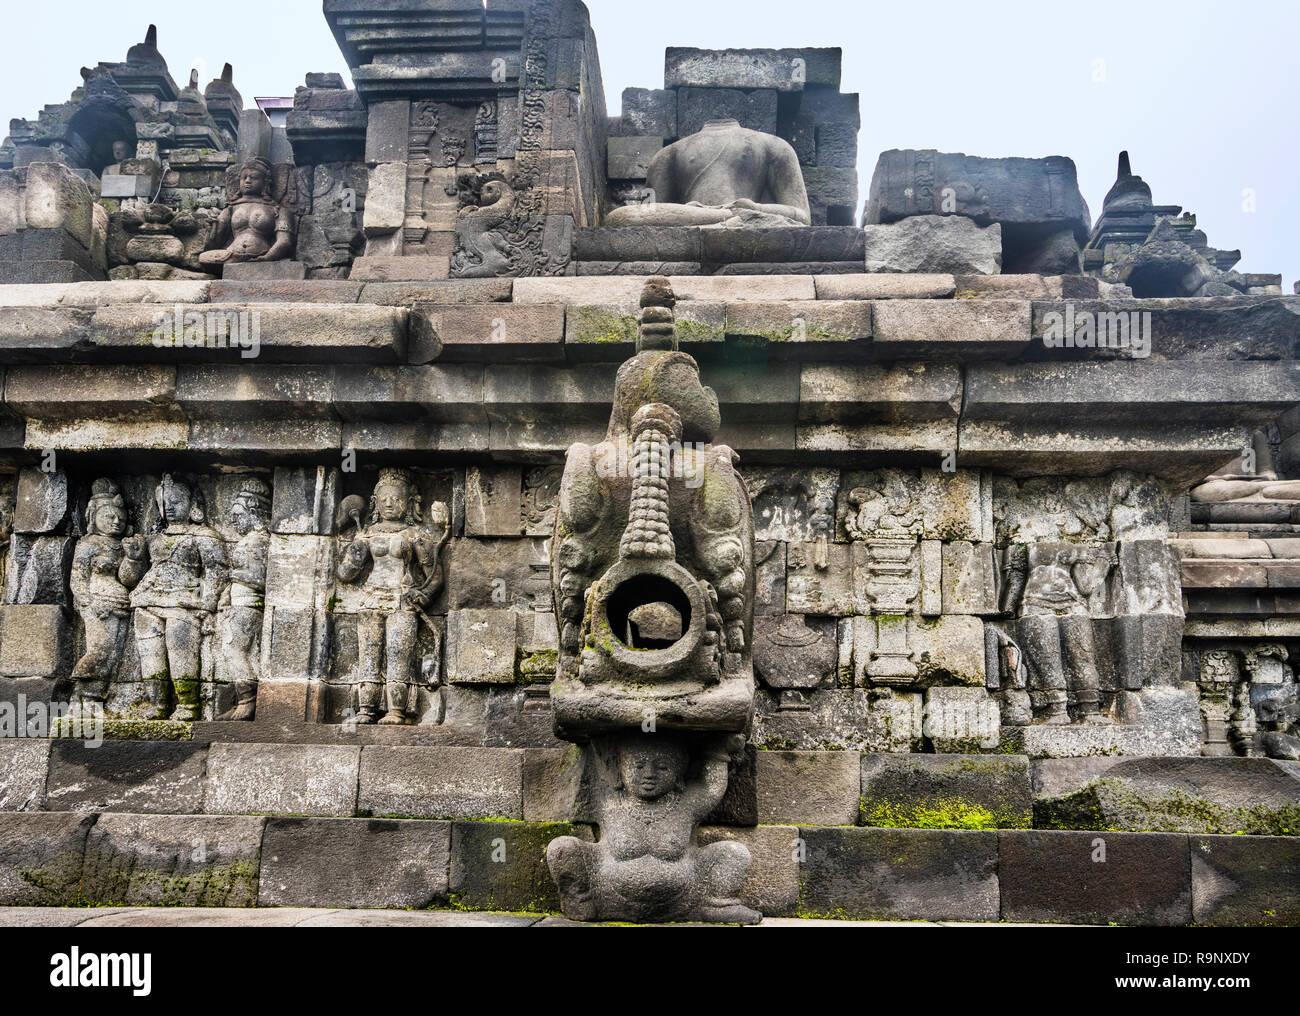 Geschnitzte Regenwasser Ausguss und Reliefs auf einer Balustrade im 9. Jahrhundert Borobudur Mahayana-buddhistischen Tempel, Central Java, Indonesien Stockbild